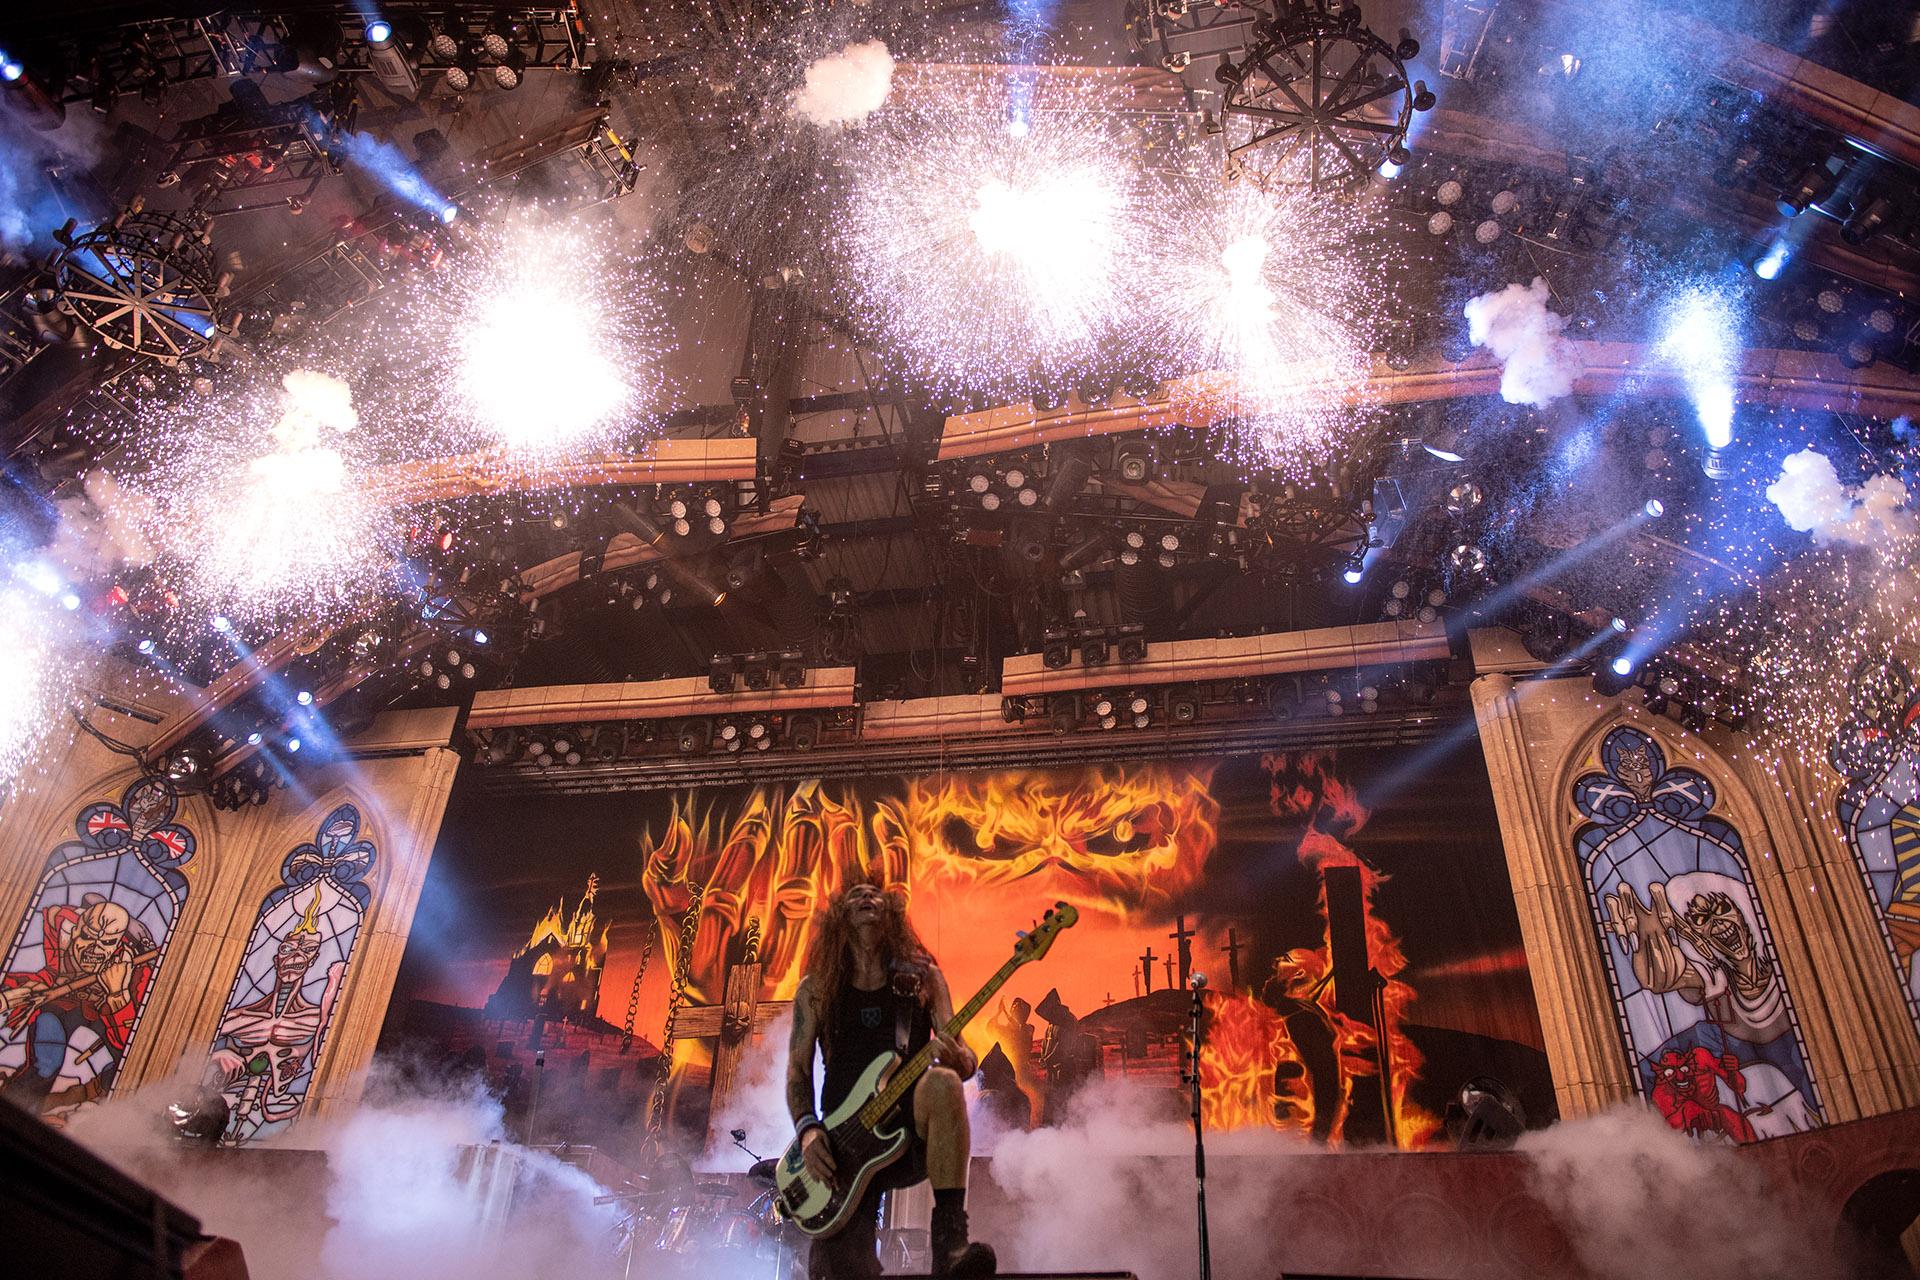 Iron Maiden regresa al Palacio de los Deportes